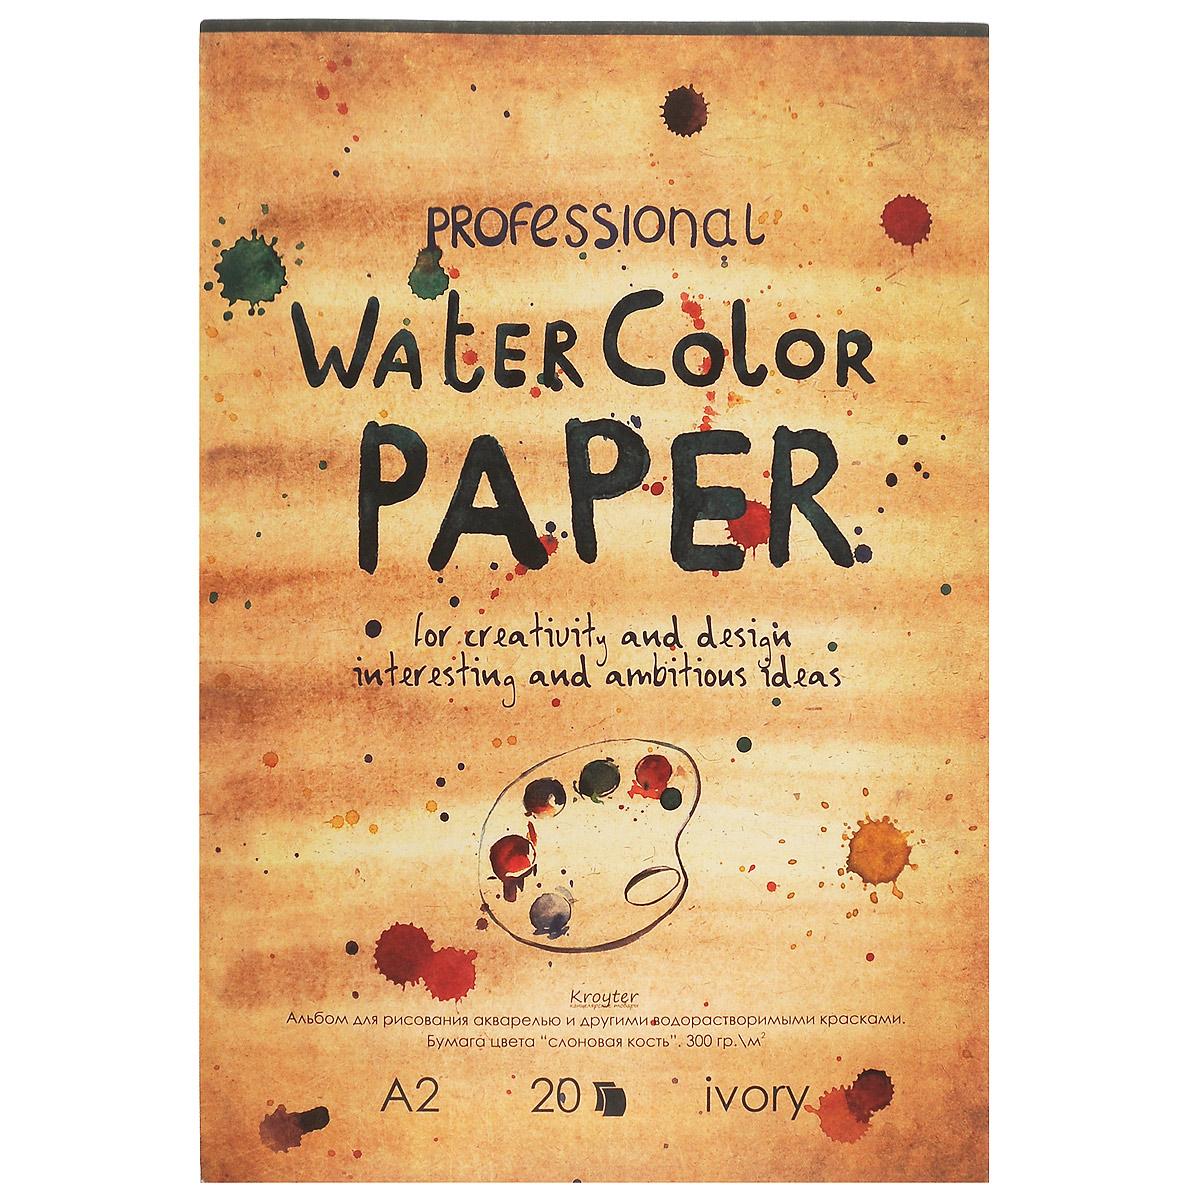 Альбом для акварели Kroyter, 20 листов, формат А2. 0648706487Альбом для рисования акварелью Kroyter изготовлен из высококачественной бумаги, что позволяет карандашам, фломастерам и краскам ровно ложиться на поверхность и не растекаться по листу. Рисование в таких альбомах доставит маленьким художникам максимальное удовольствие. Обложка выполнена из мелованного картона с клеевым креплением. Рисование позволяет развивать творческие способности, кроме того, это увлекательный досуг. Плотность: 300 г/м2.